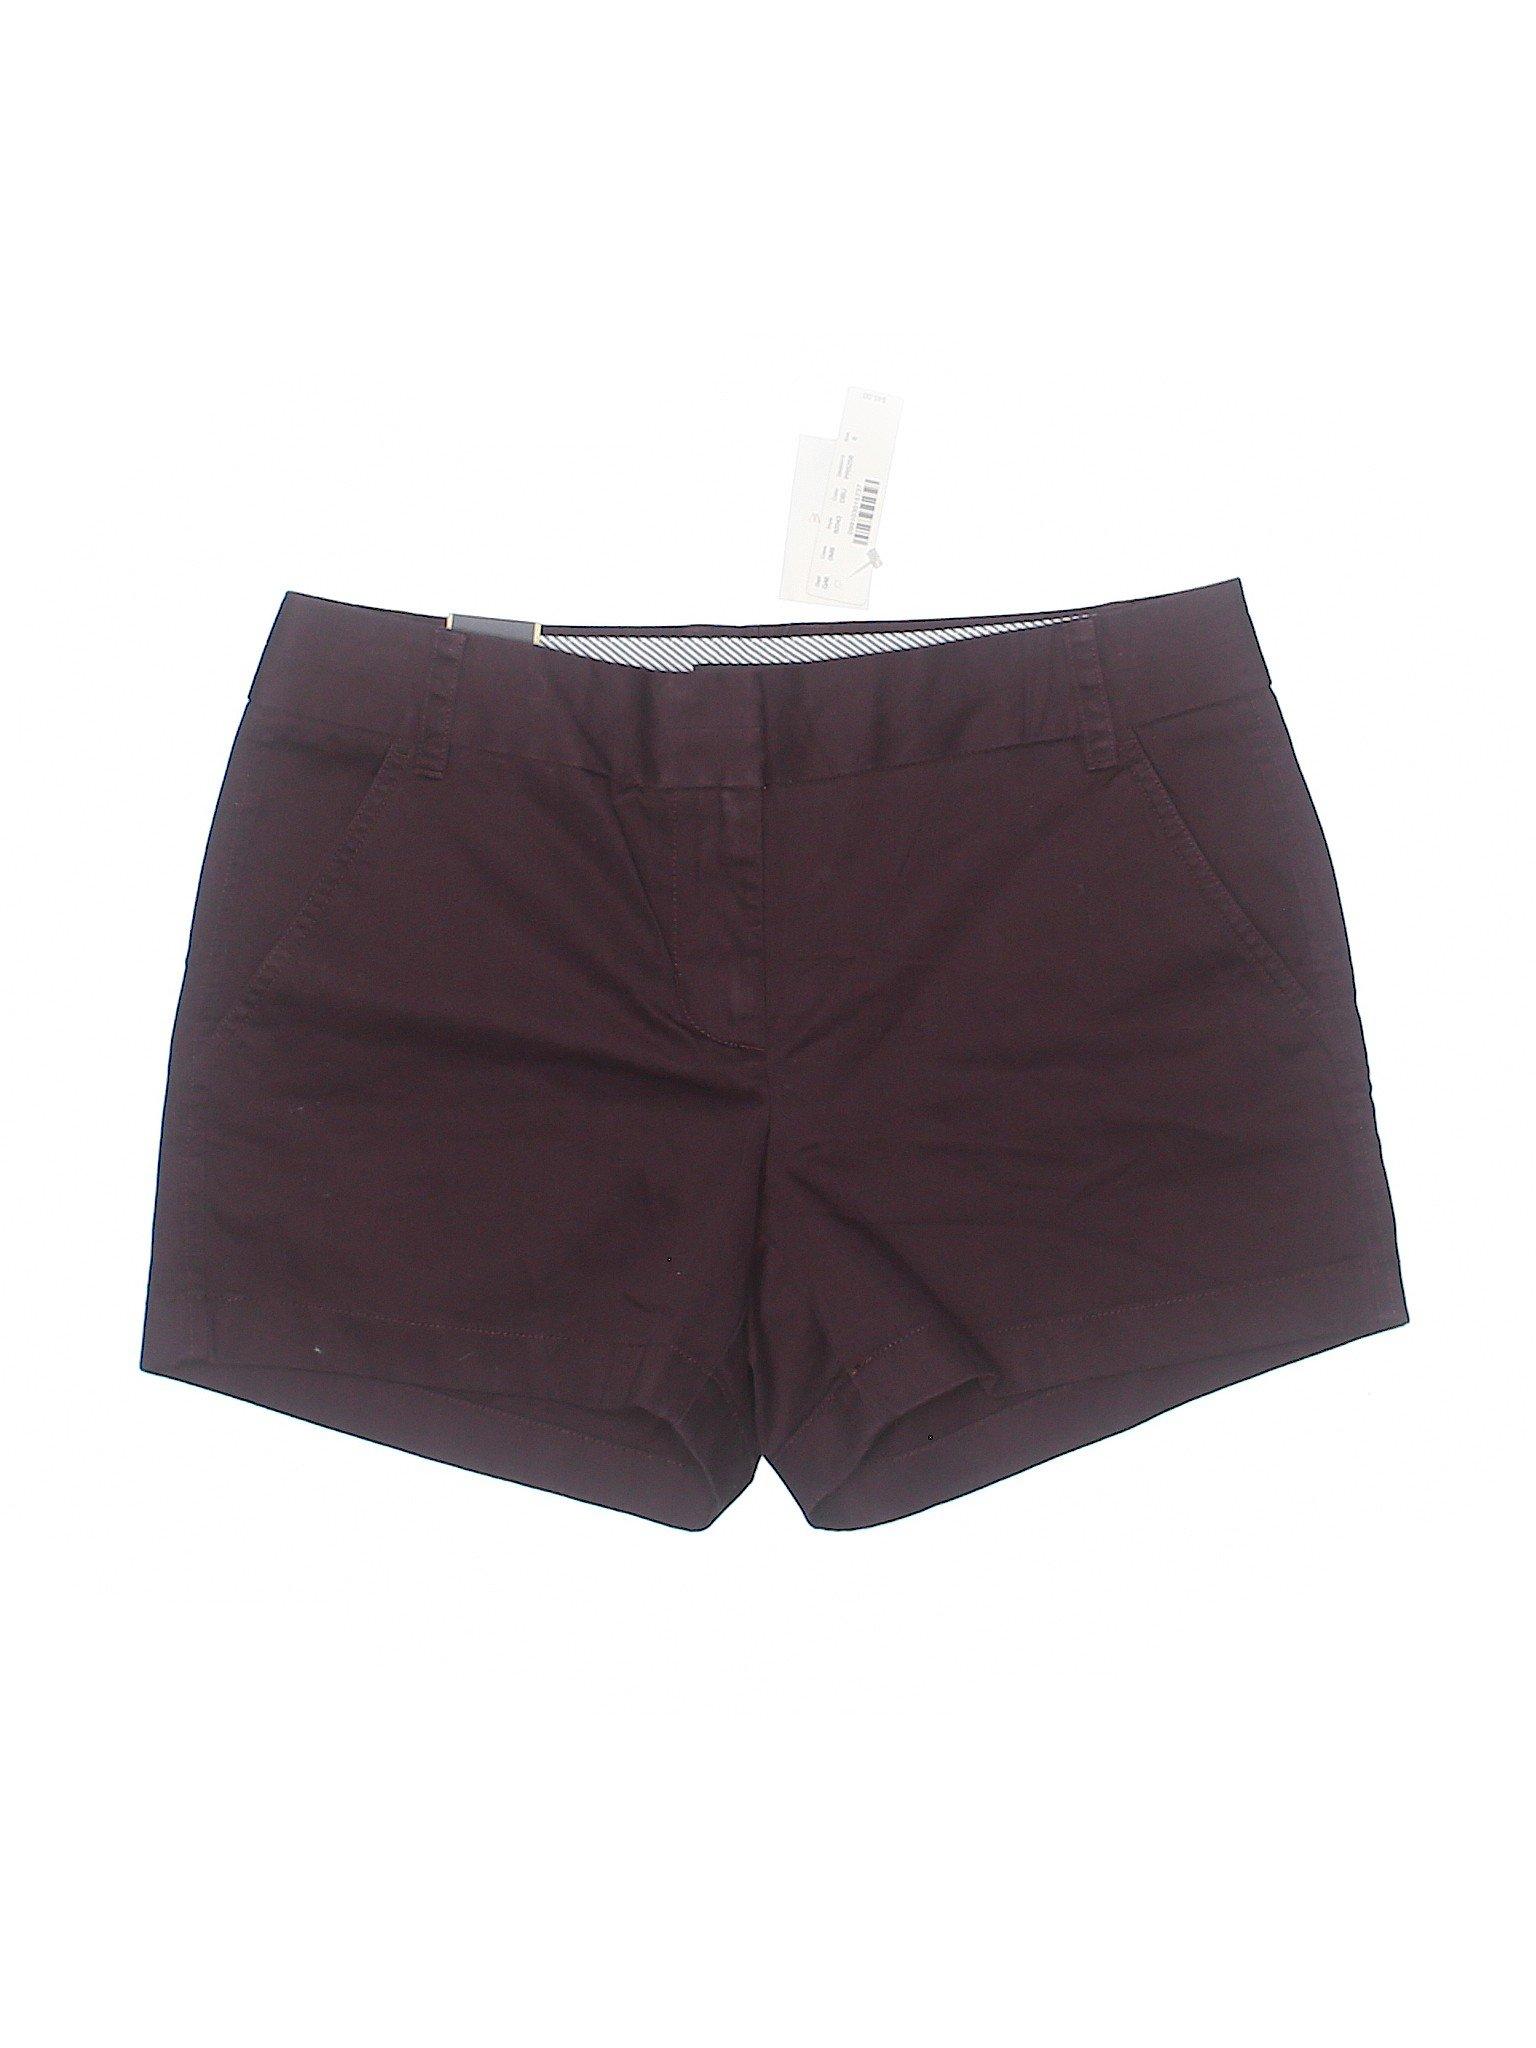 Khaki Boutique Crew J Boutique Shorts J v0Y6YnH